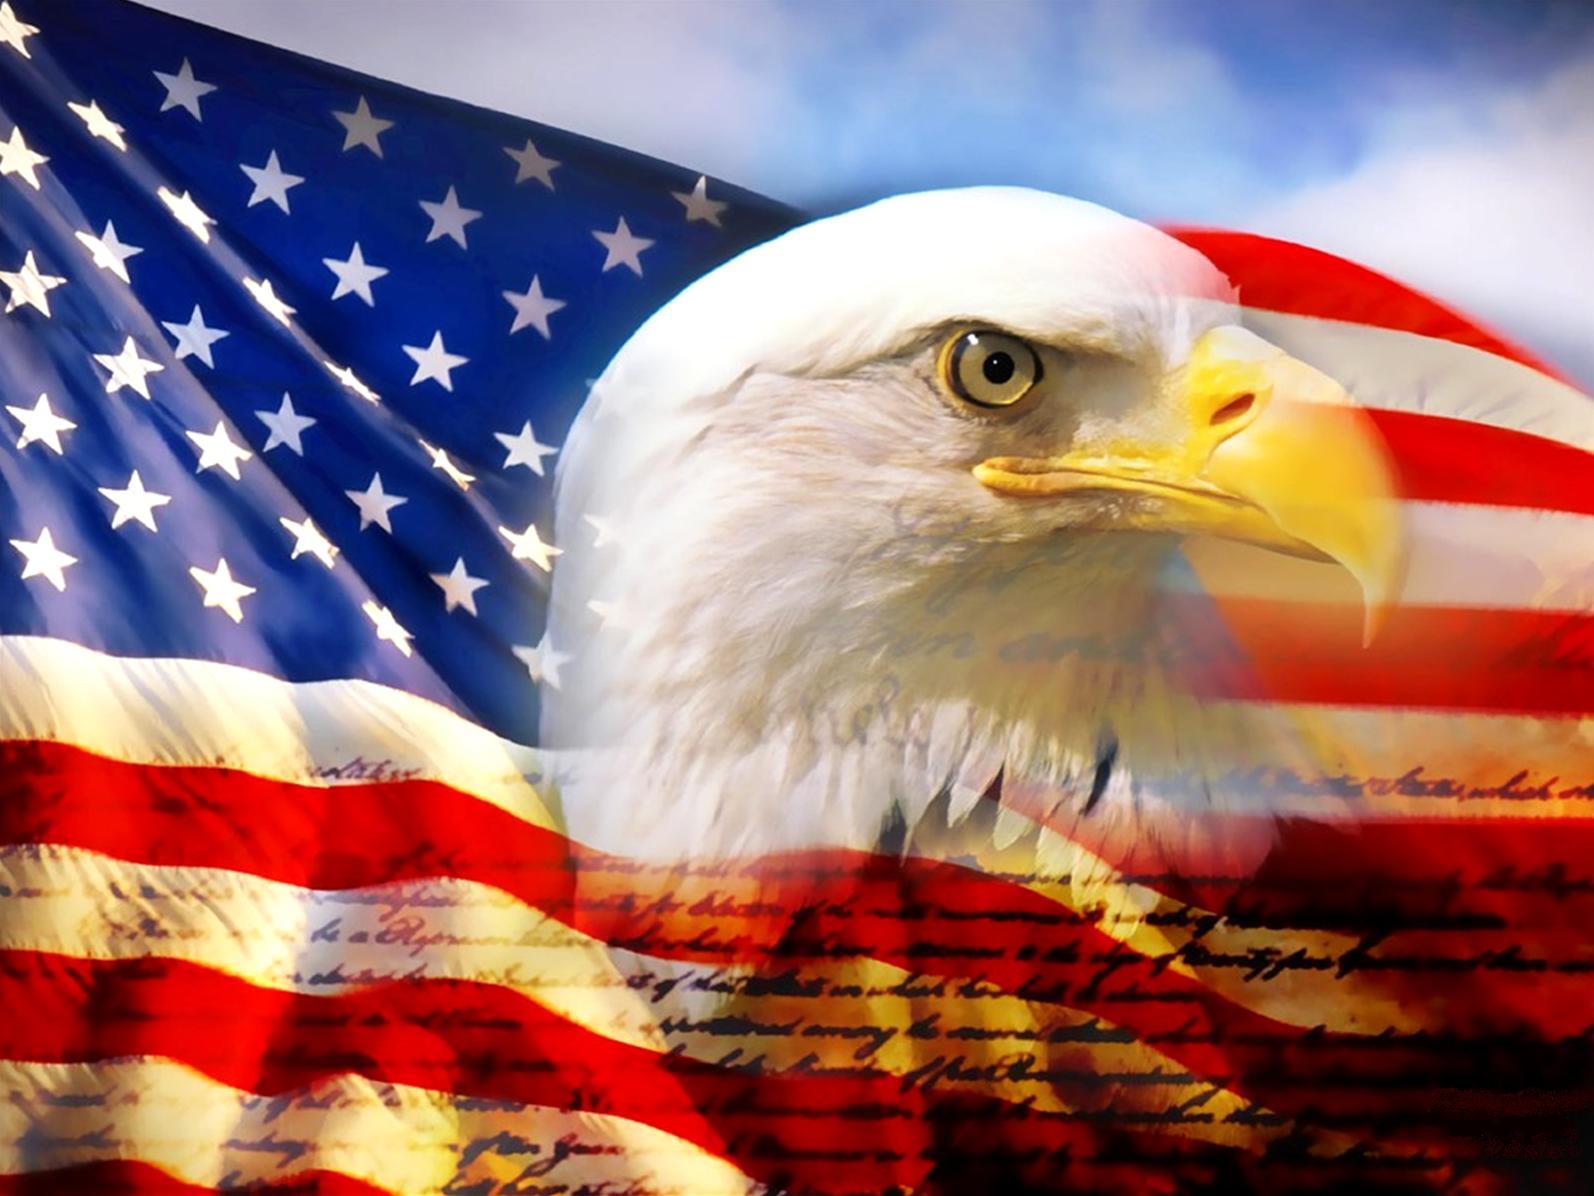 http://4.bp.blogspot.com/-5dwKVaWvo7I/UKnH1E5l8gI/AAAAAAAABtw/Nn1KHy9dcew/s1600/american+cool+wallpaper+flag.jpg